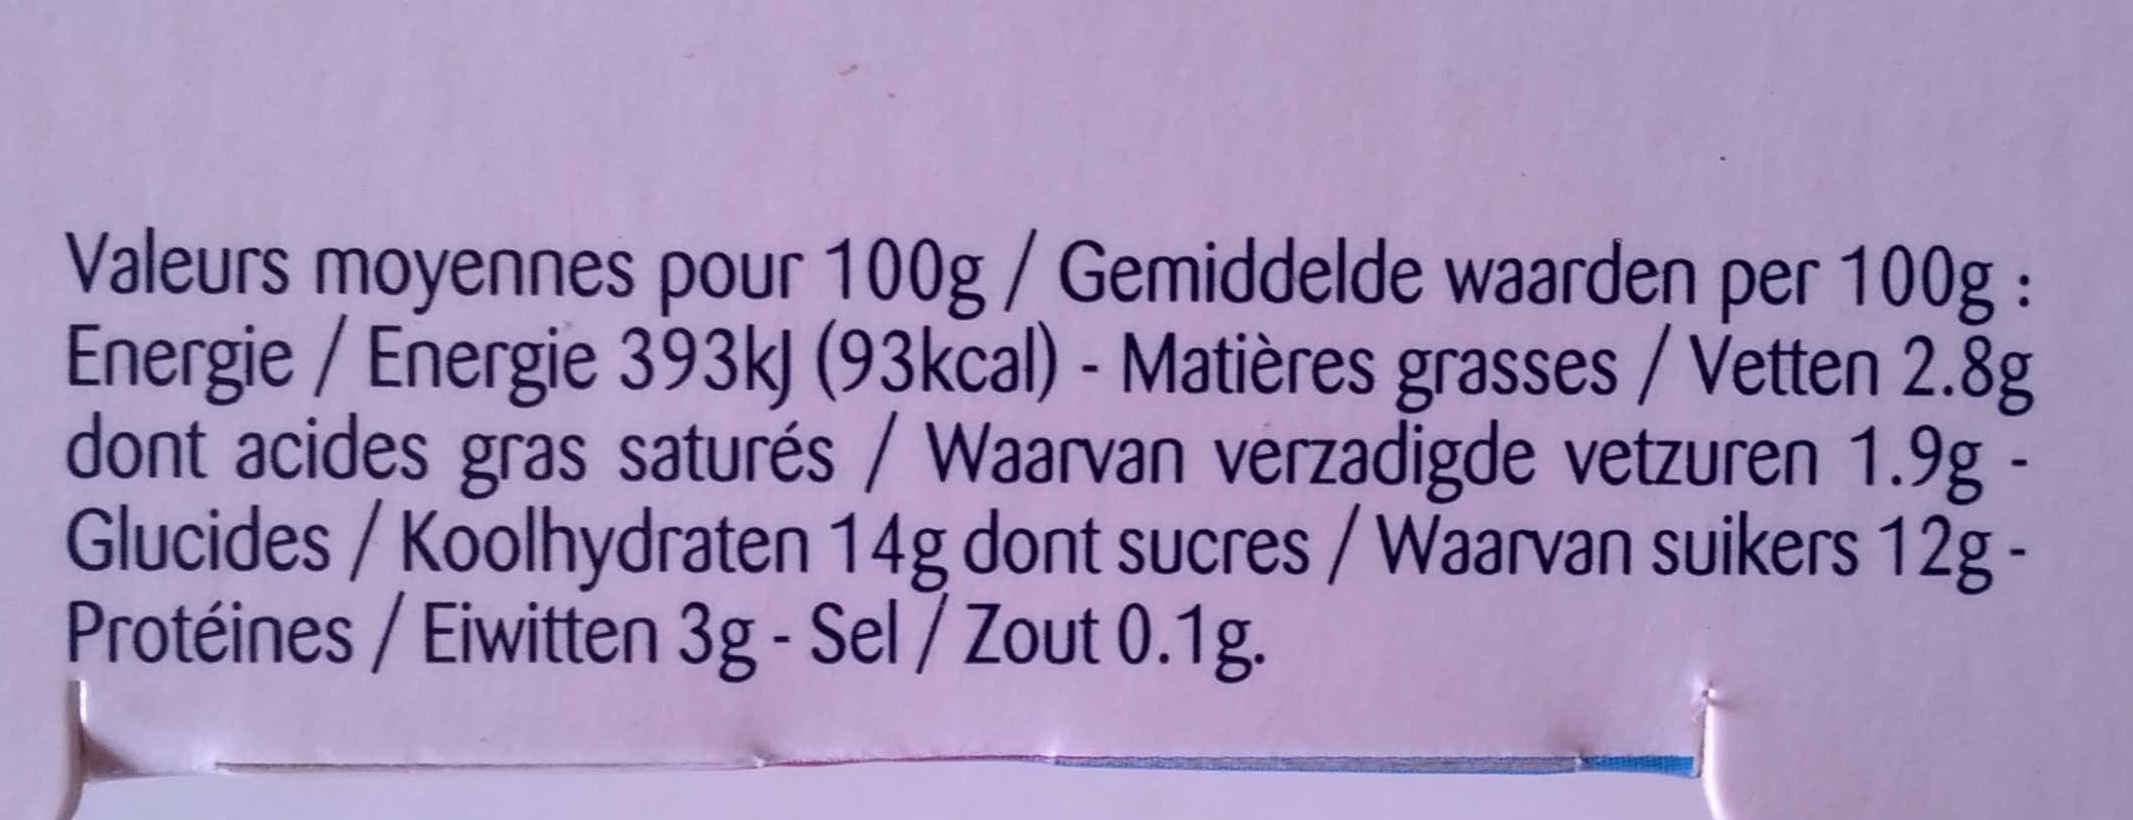 Corbeille de fruits : pomme-cerise-citron-mûre-mirabelle-cassis - Voedingswaarden